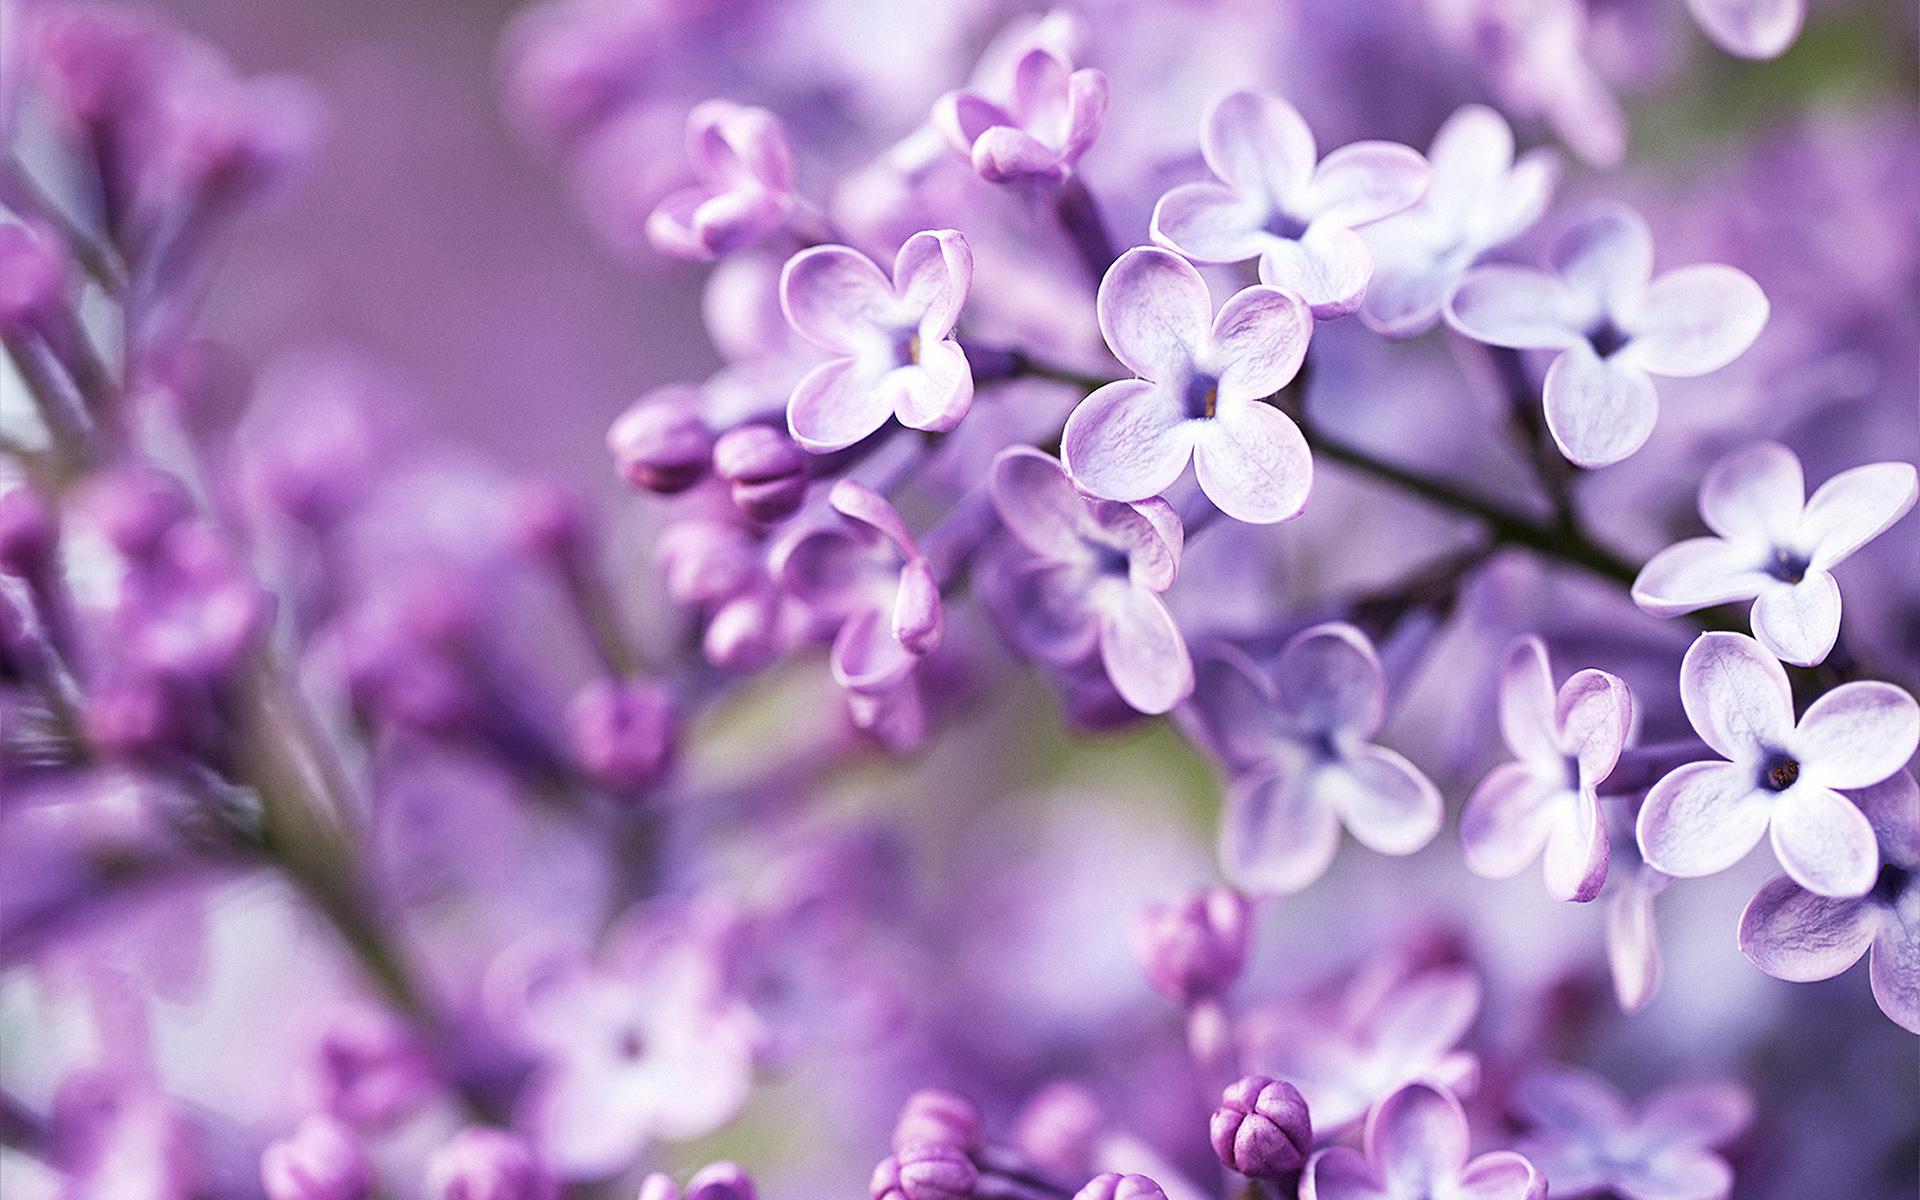 Картинки с фиолетовыми цветами в высоком качестве, замечательной